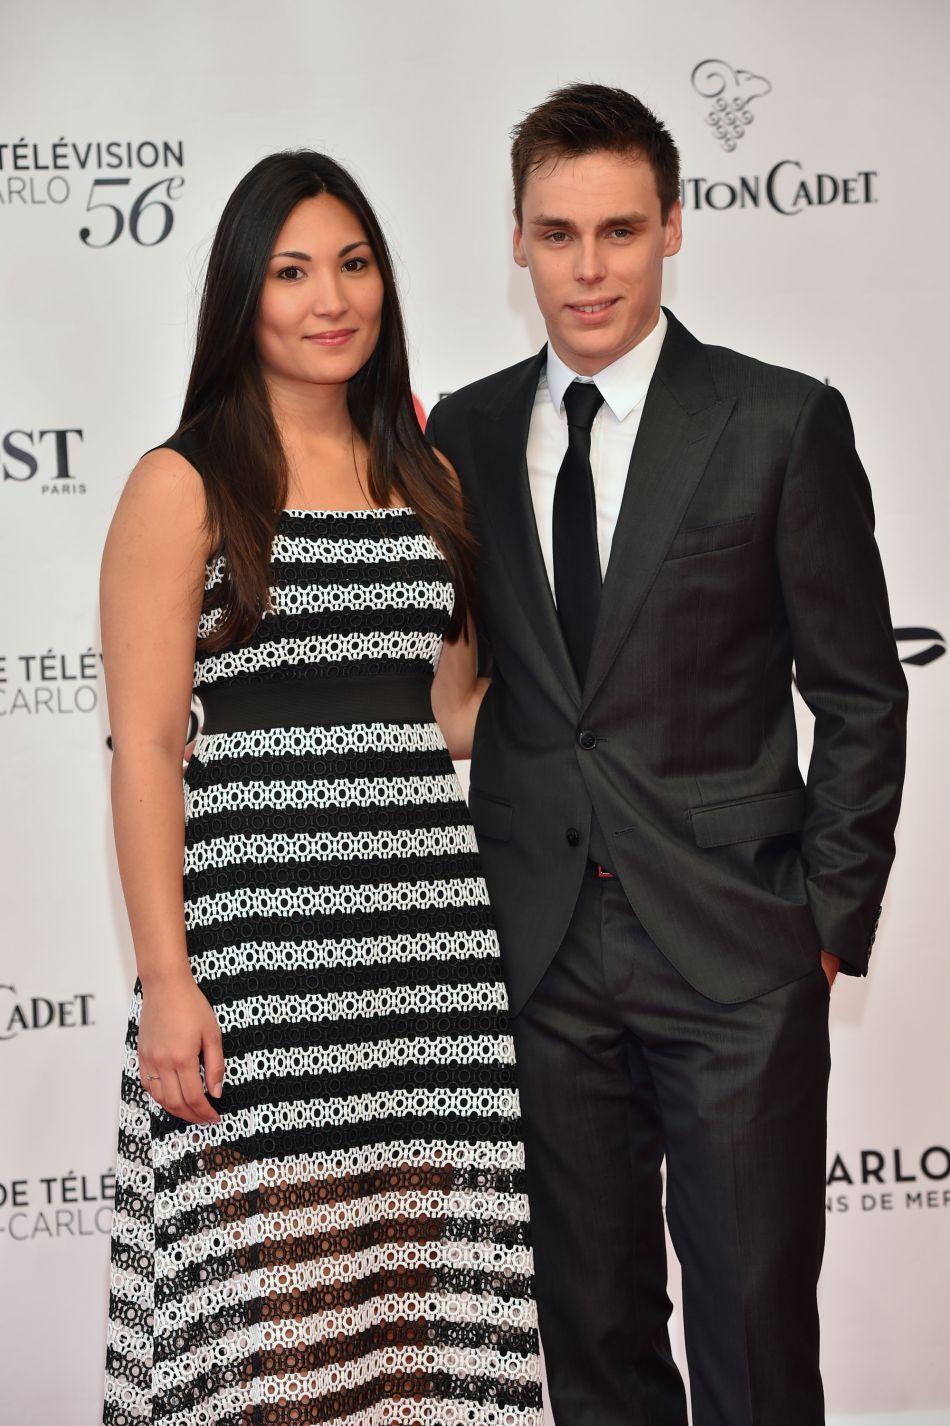 Louis Ducruet et sa compagne Marie lors de la crémonie d'ouverture du 56e festival de télévision de Monte-Carlo, le 12 juin 2016.